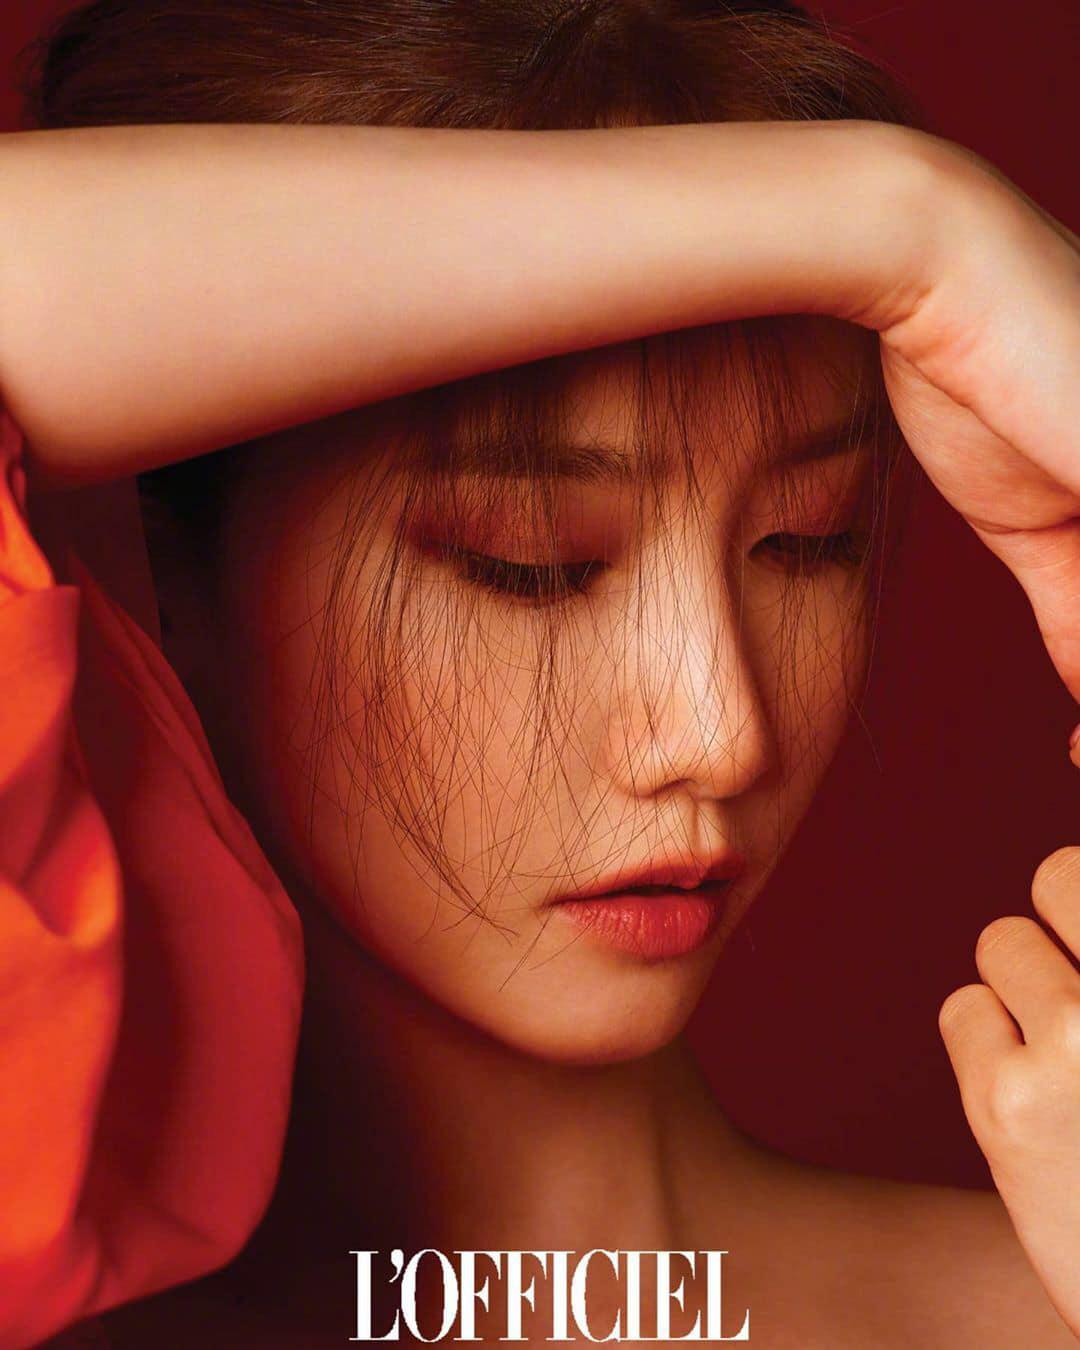 Nhìn hành trình chân cong hóa thẳng của Yoona mà sốc: Nữ thần vòng kiềng giờ đã hoàn hảo hết chỗ chê rồi! - Ảnh 1.